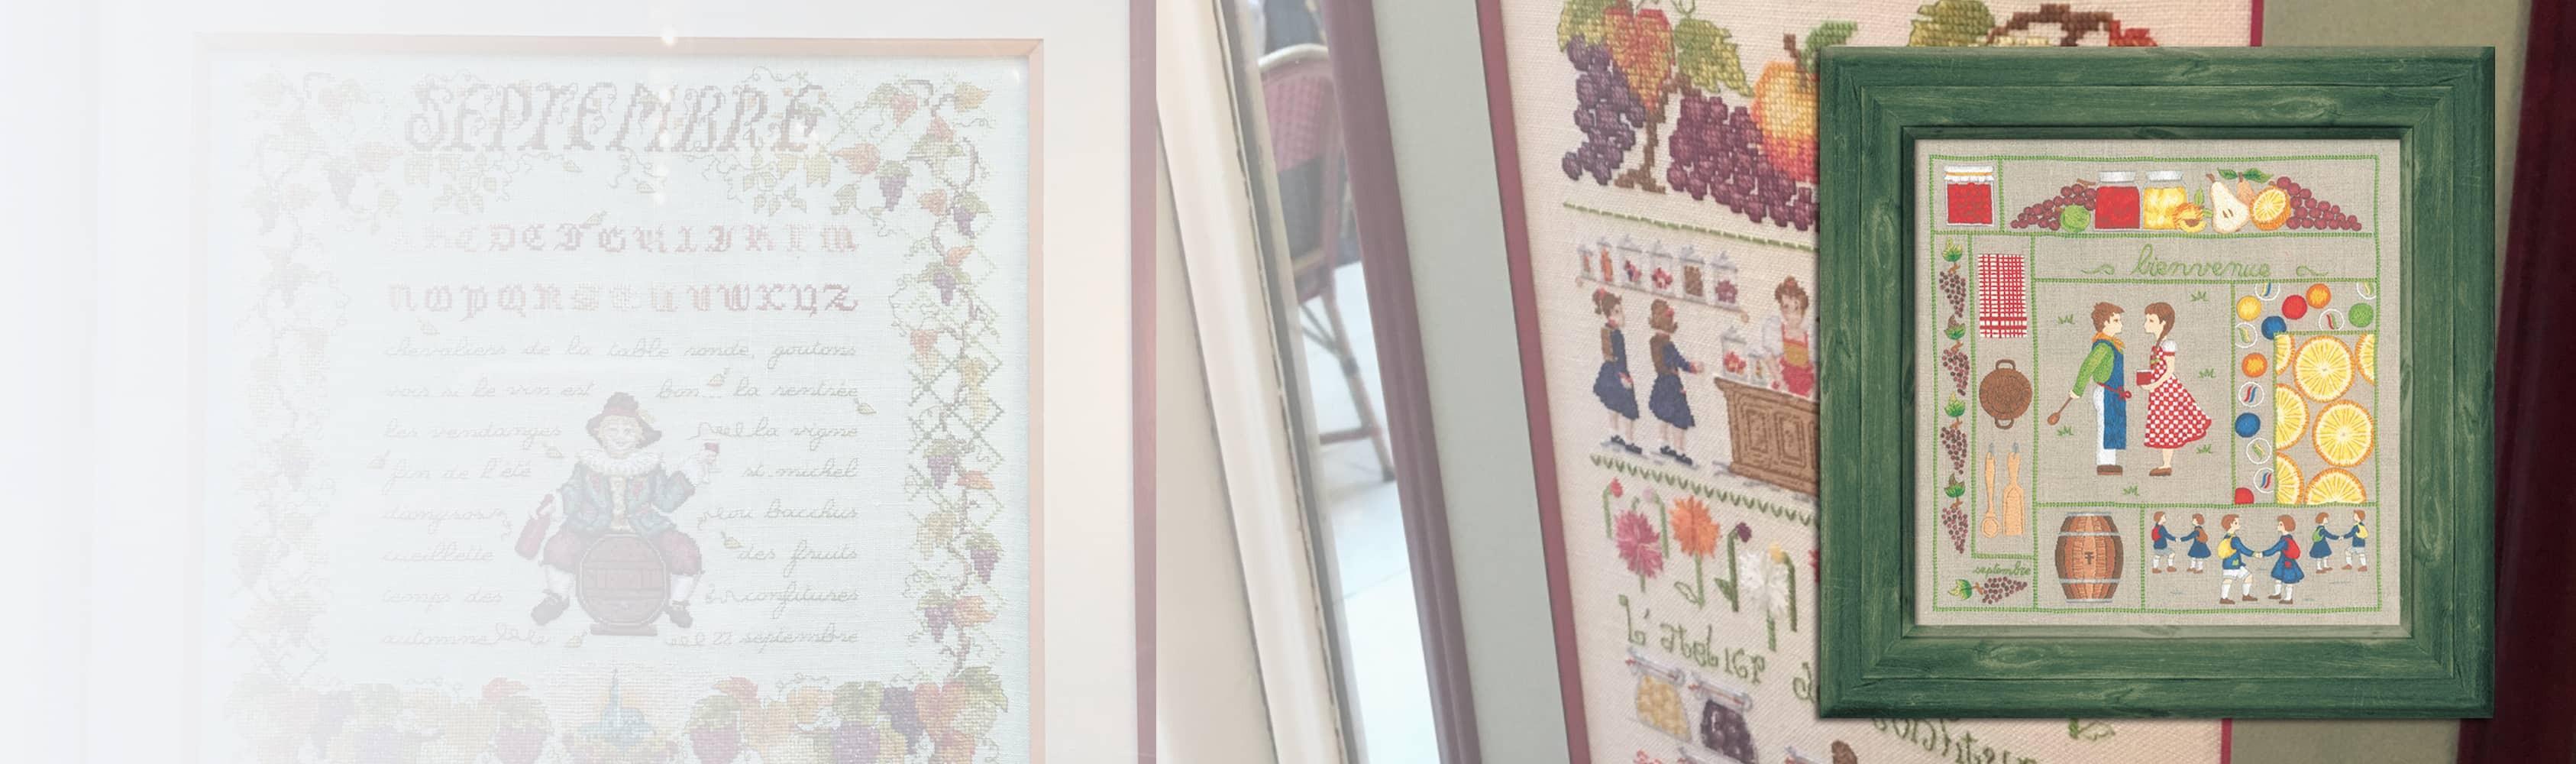 Bienvenue Septembre - broderie traditionnelle, kit imprimé. Le Bonheur des Dames 7709 Création Cécile Vessière